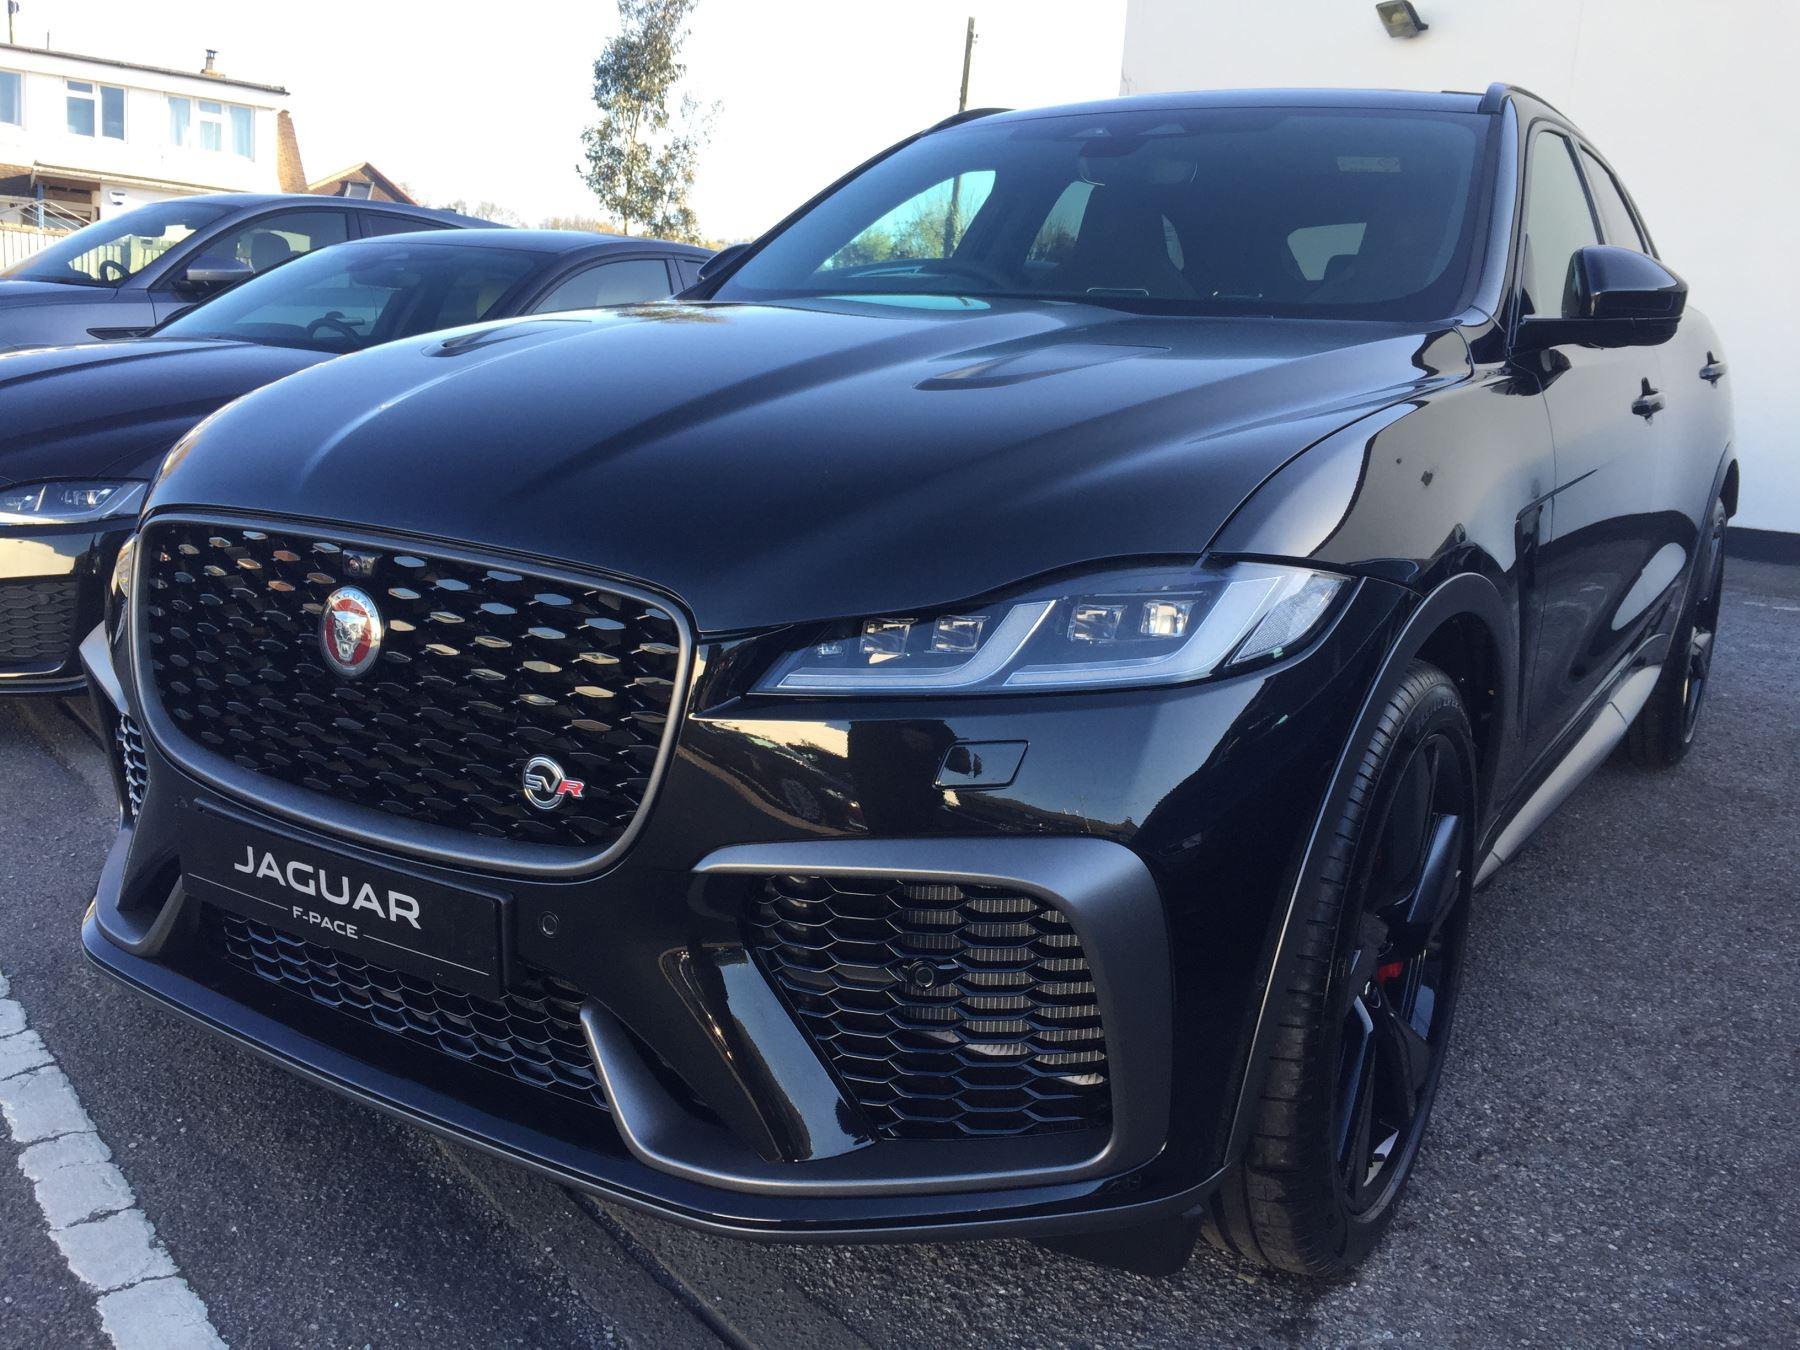 Jaguar F-PACE 5.0 Supercharged V8 SVR AWD image 2